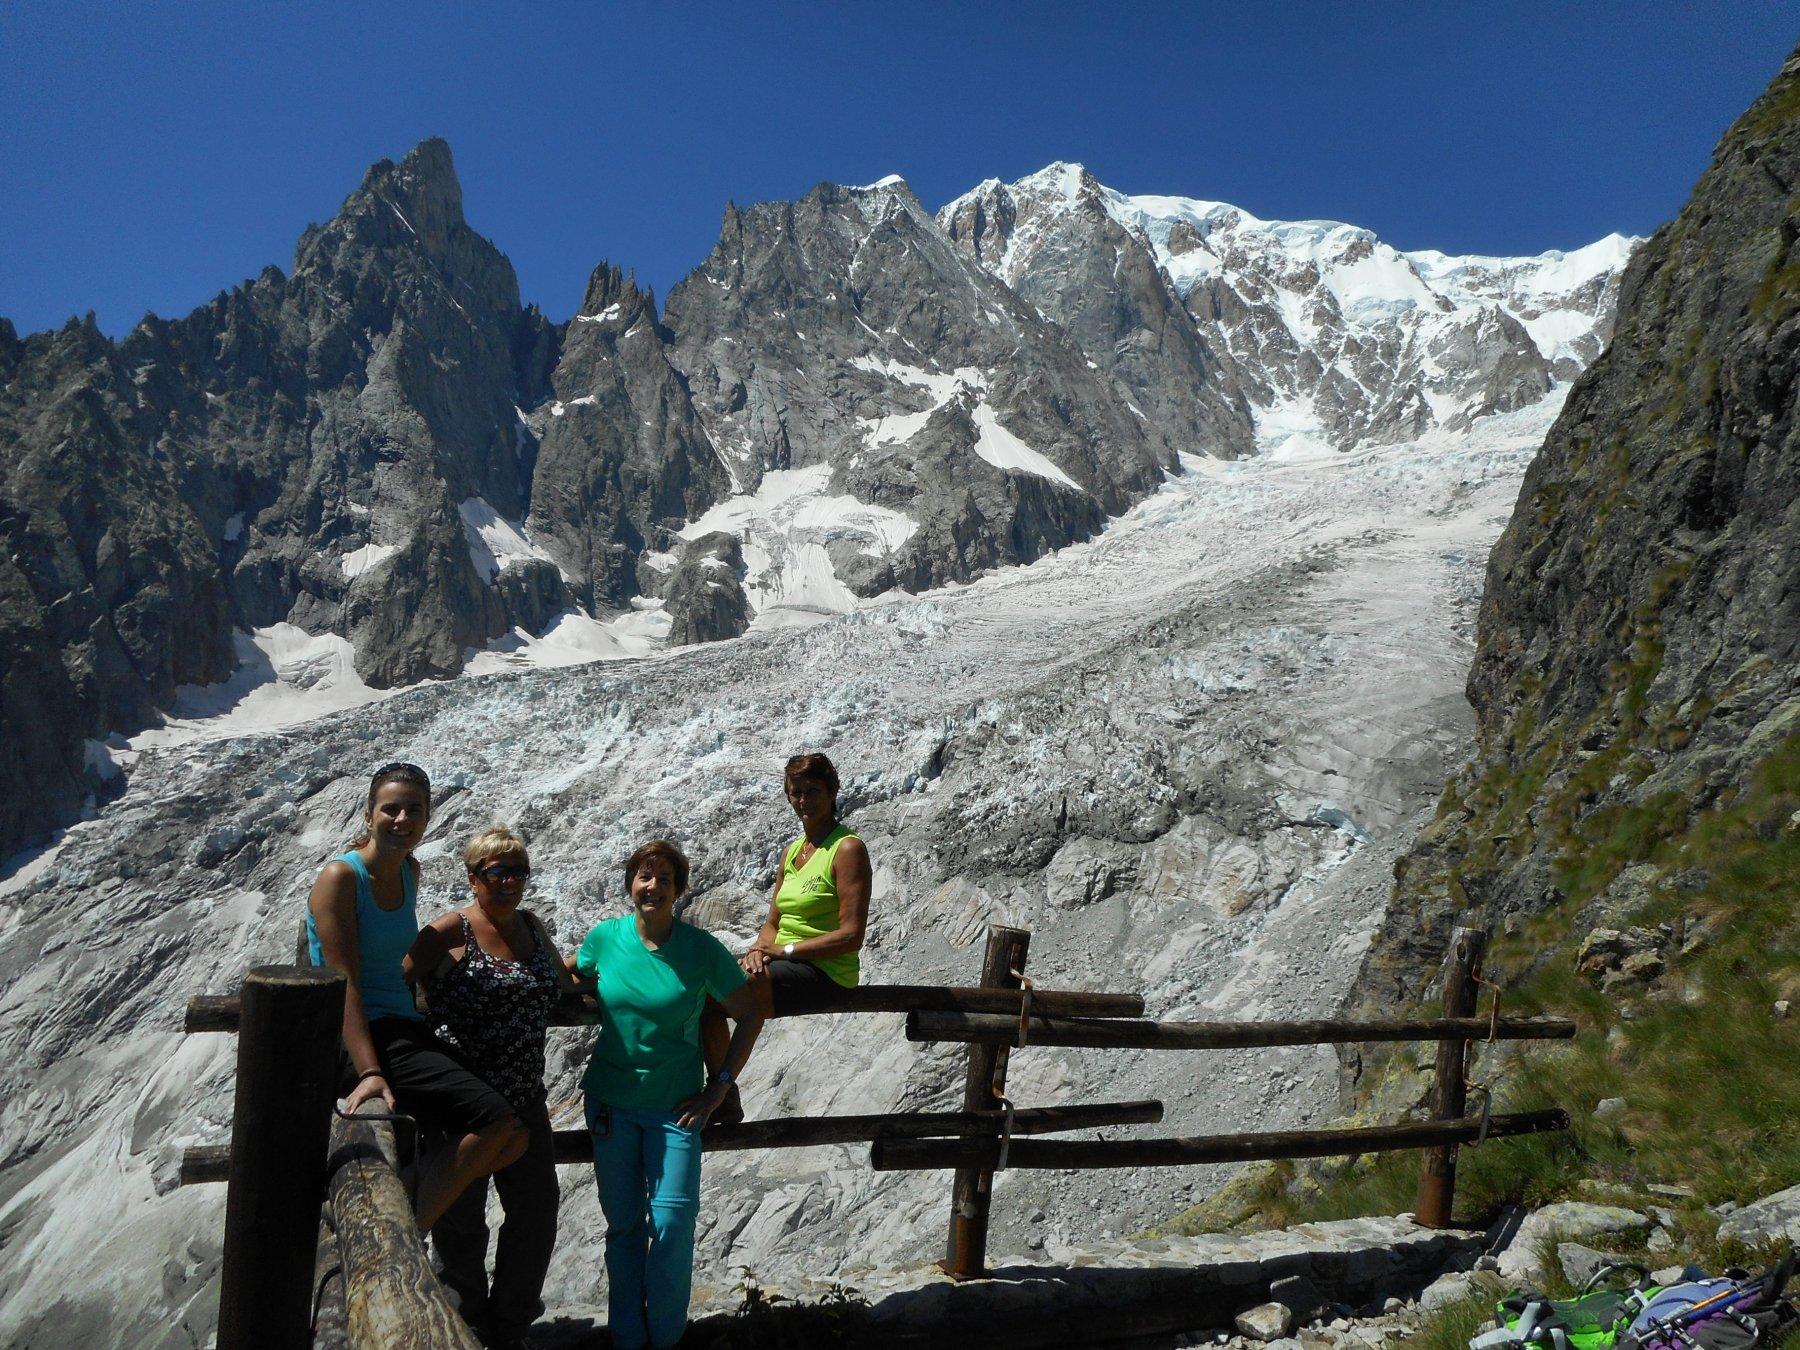 Laura, Paola Alesandra e Daria, ghiacciaio della Brenva, a sx Aiguille Noire de Peuterey